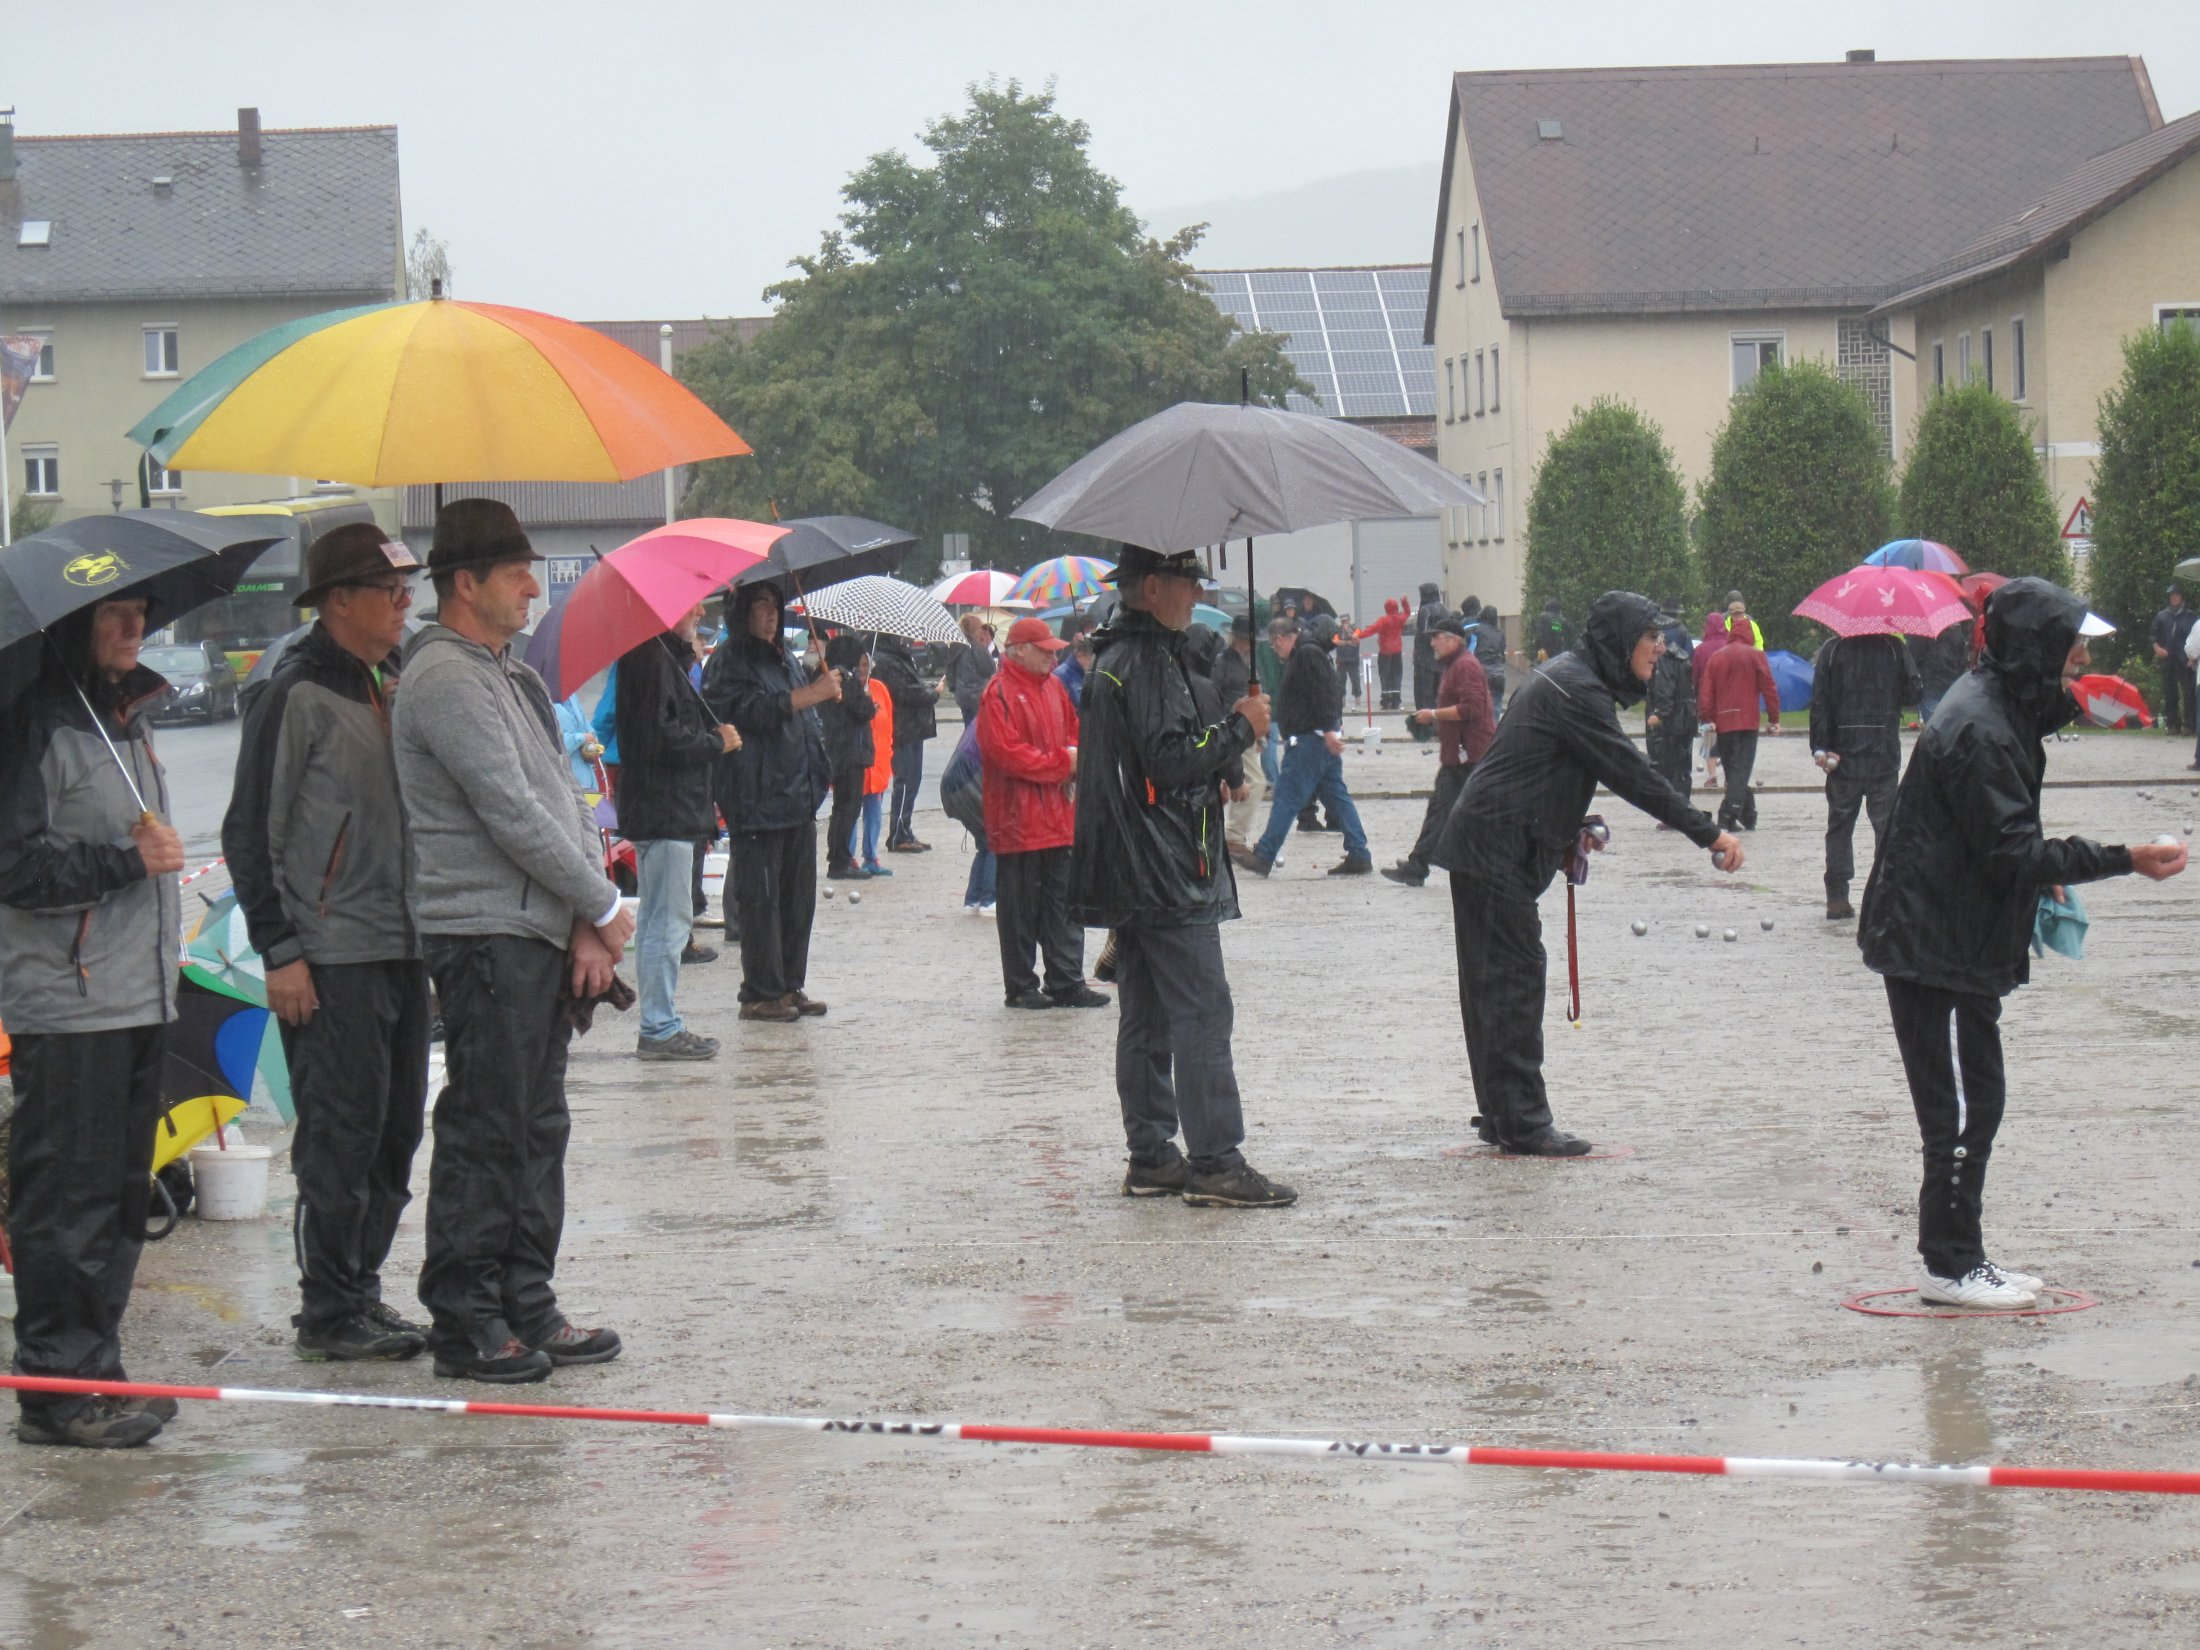 Regenschirmpflicht